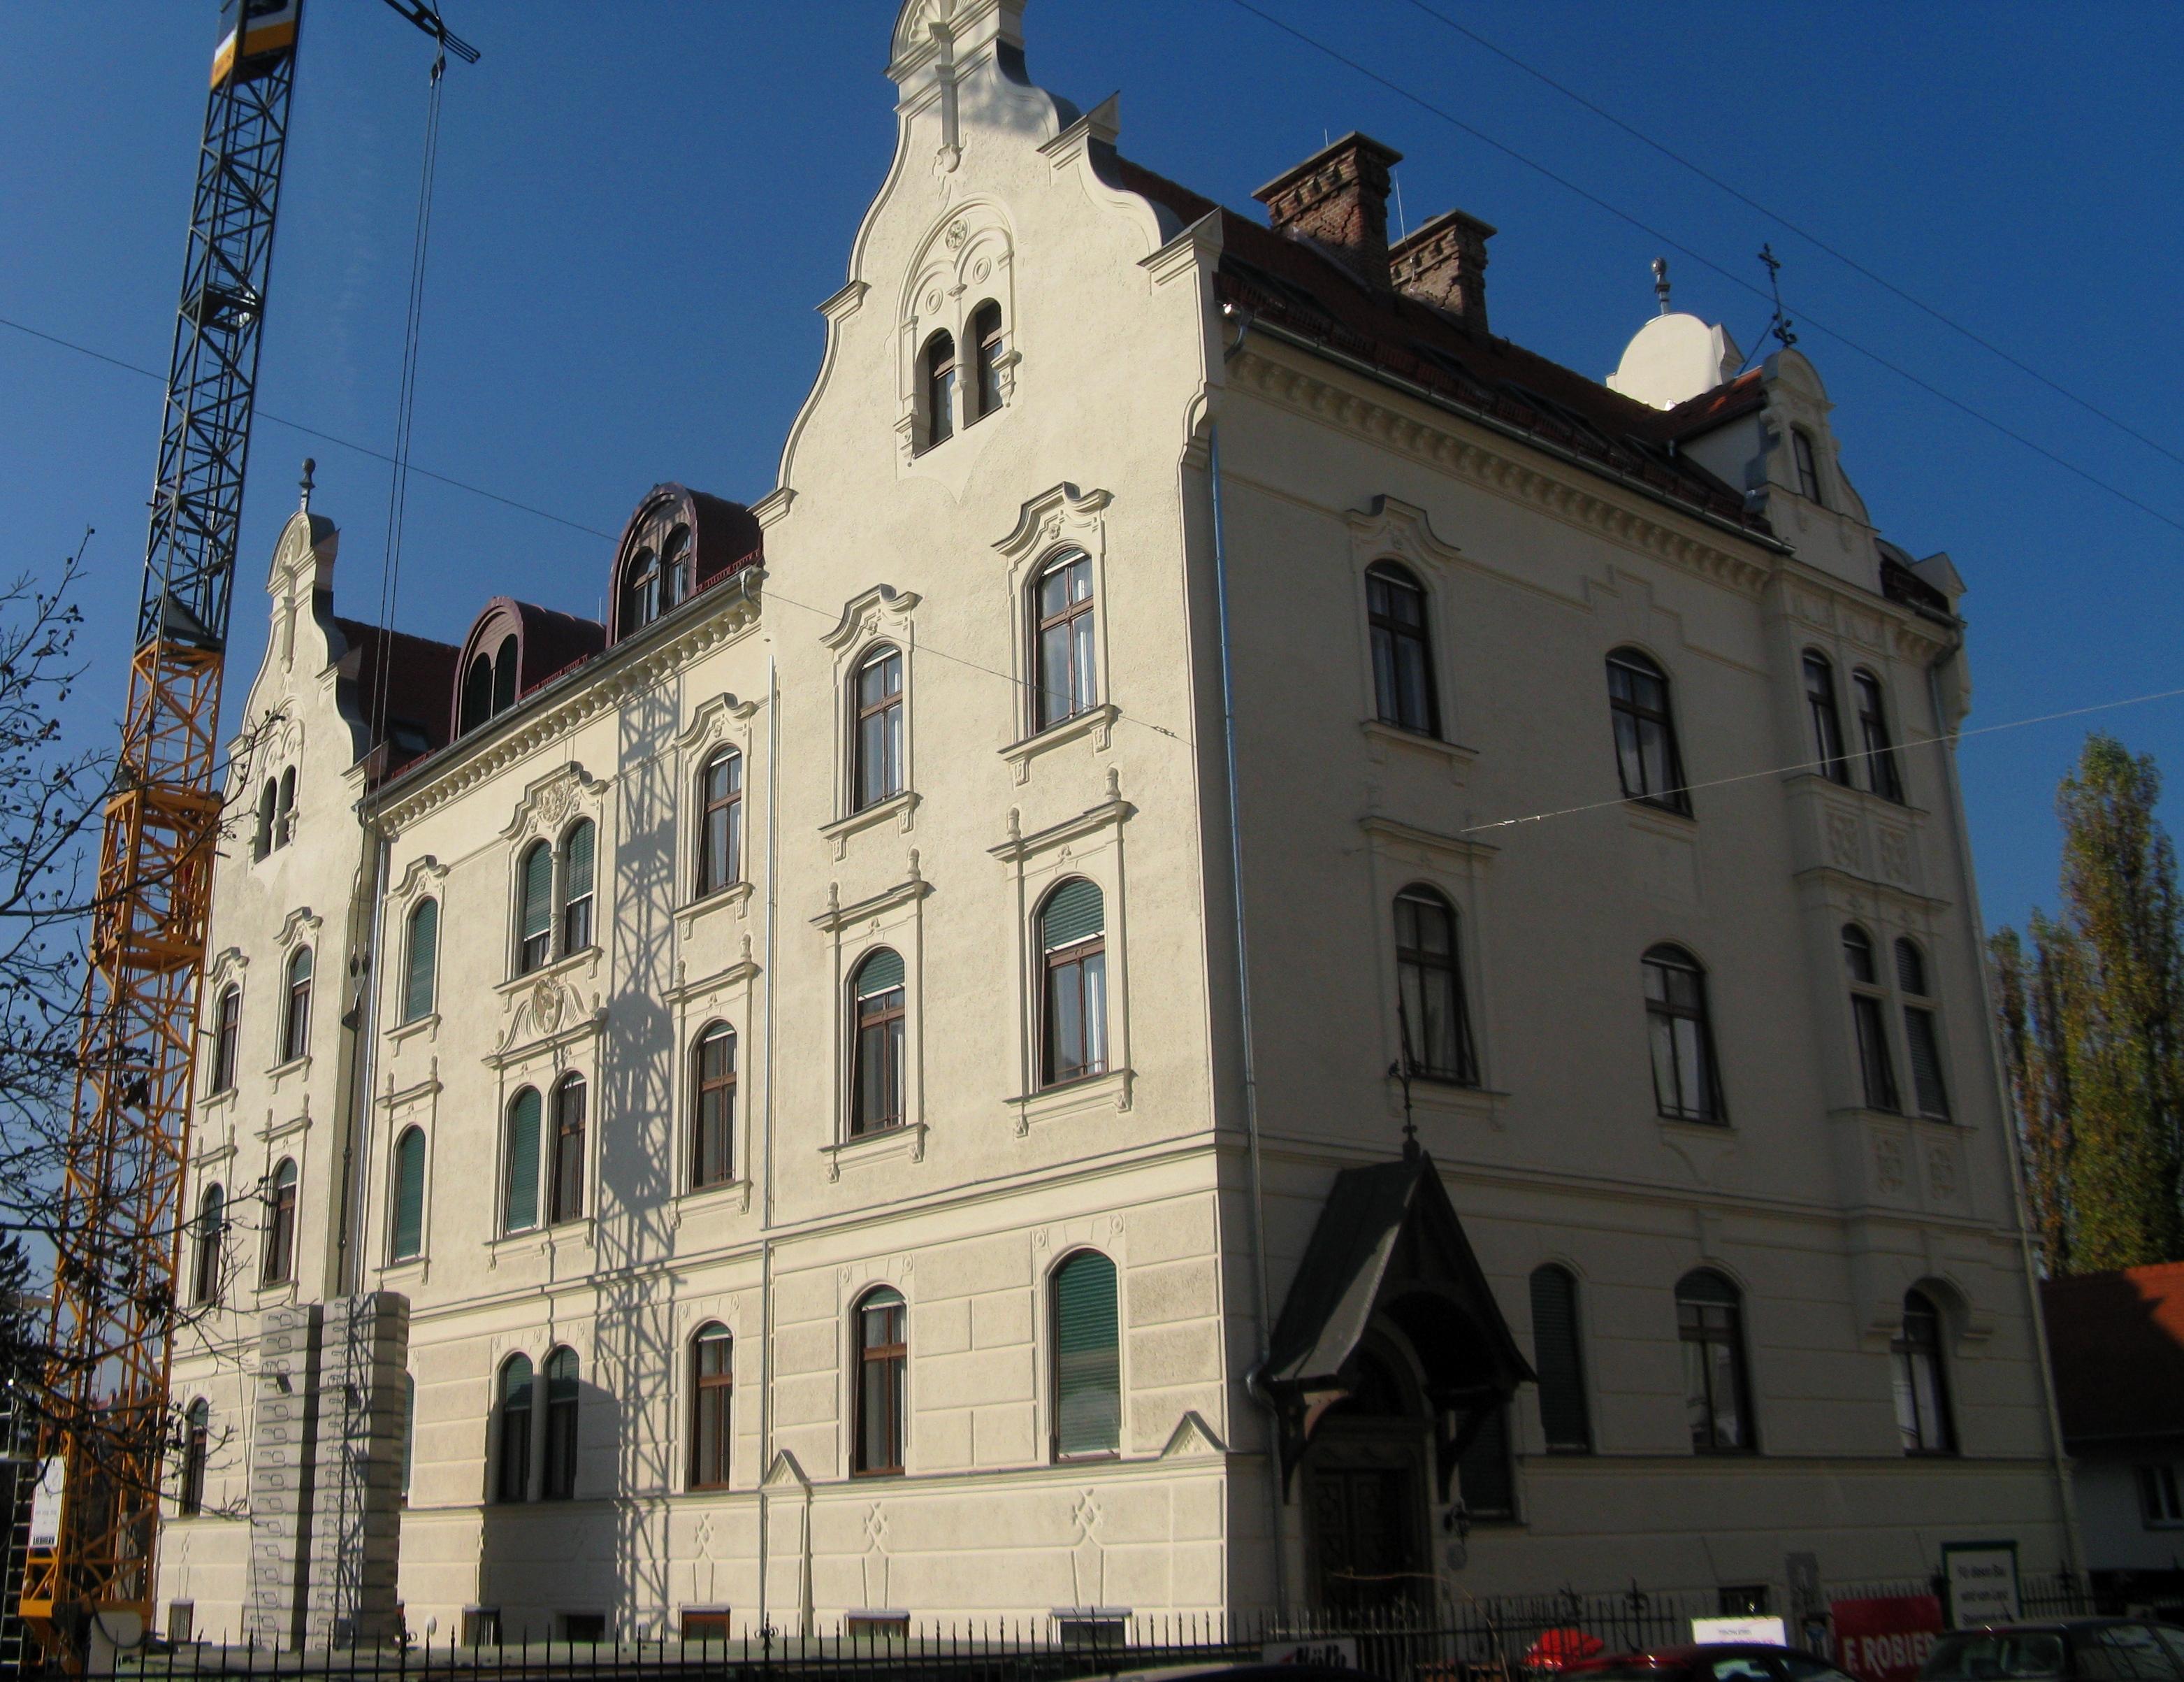 File Graz Priesterheim mit Nebengebäude und Zaun Grabenkirche